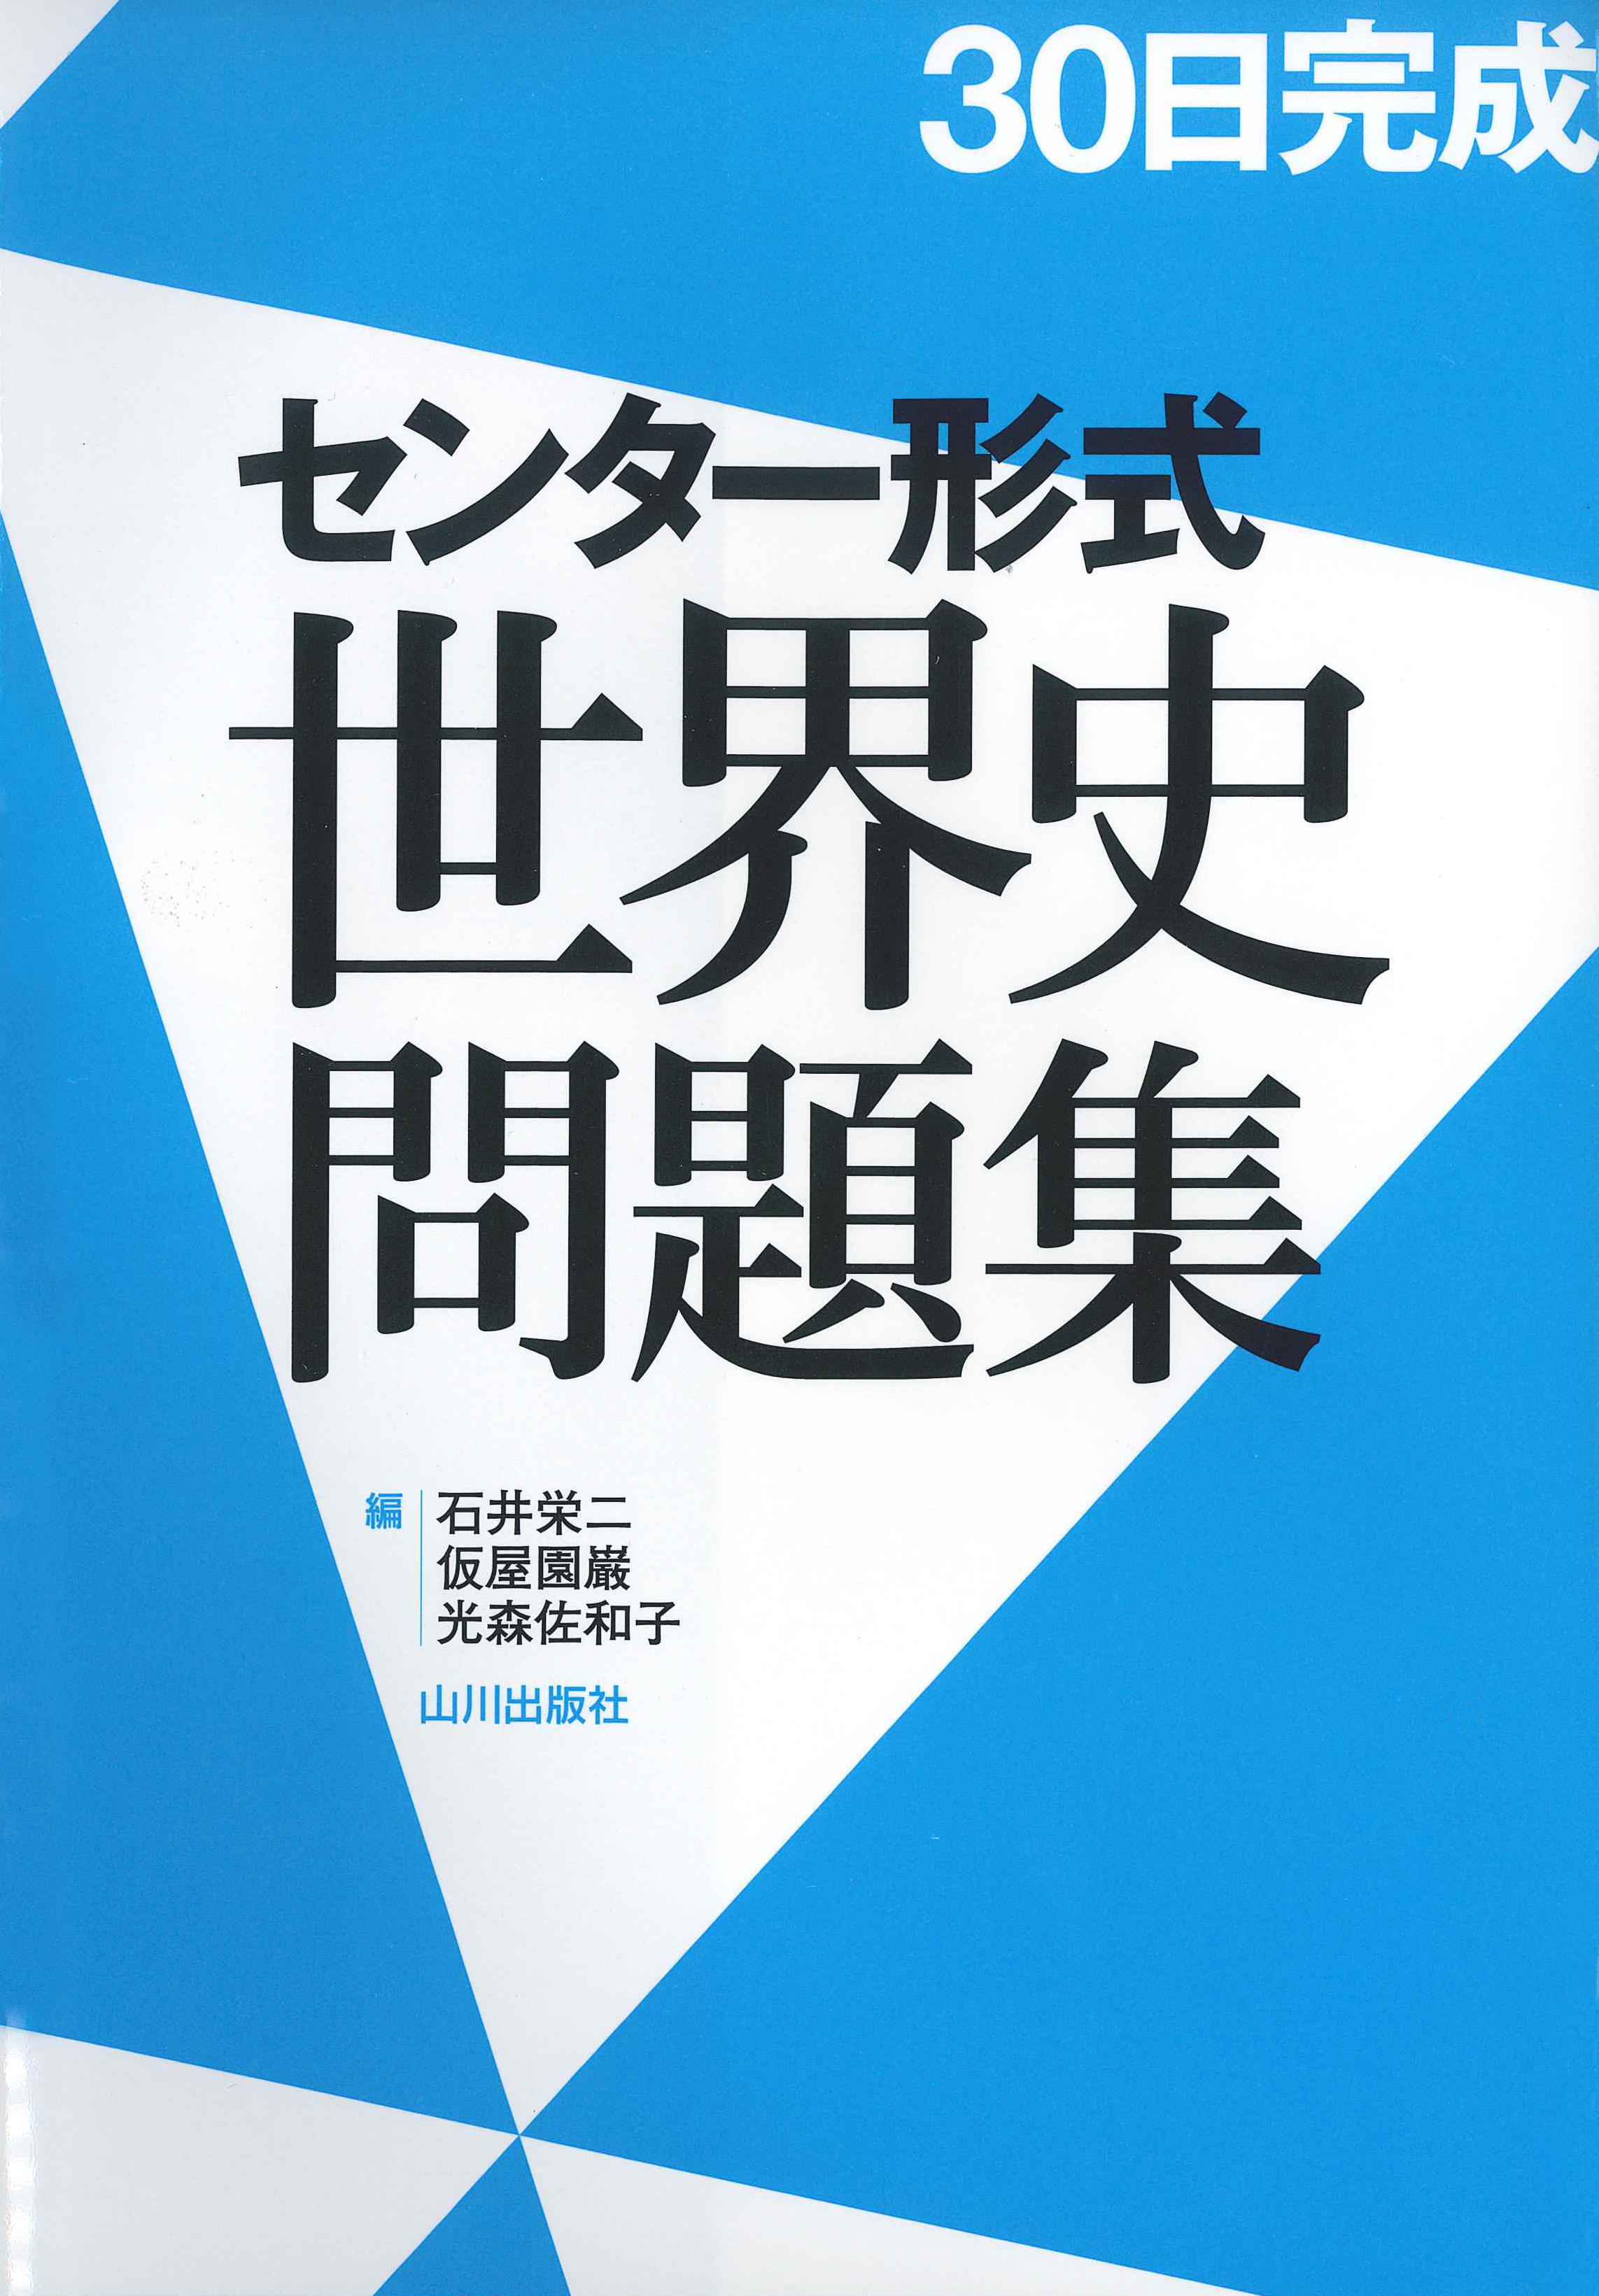 30日完成 センター形式世界史問題集 | 山川出版社